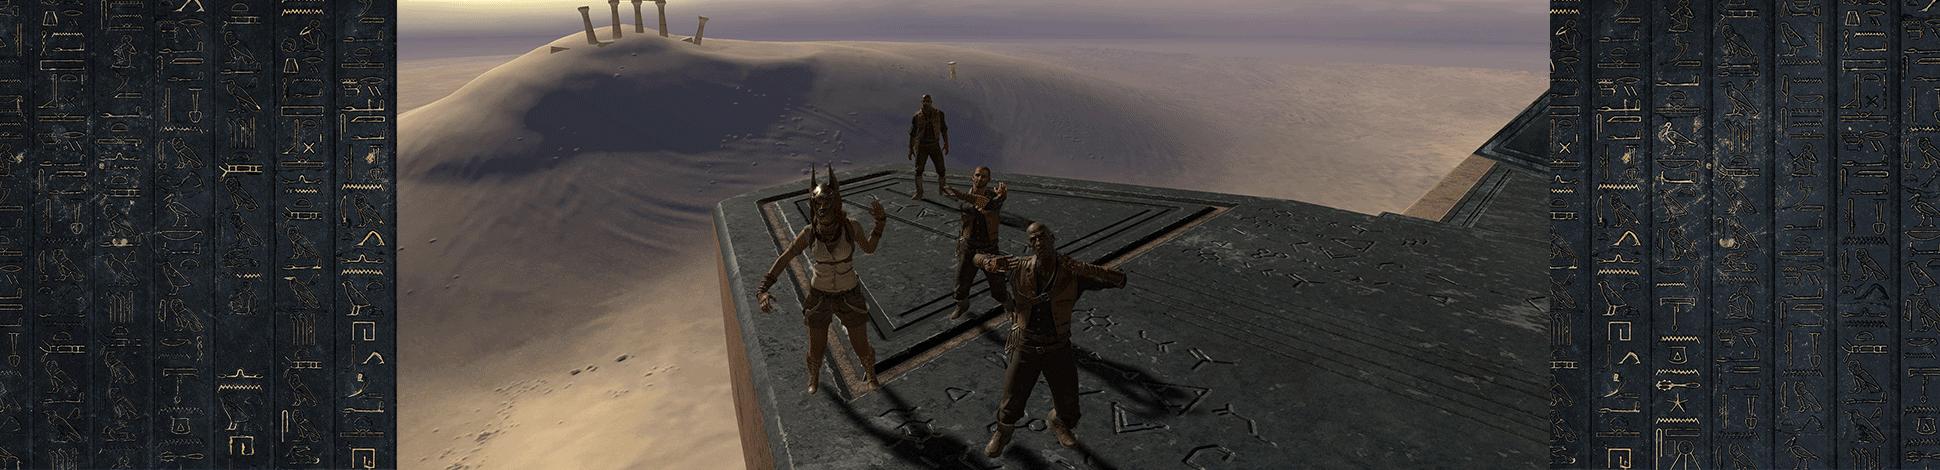 Виртуальная Квест-комната «Побег из затерянной пирамиды»